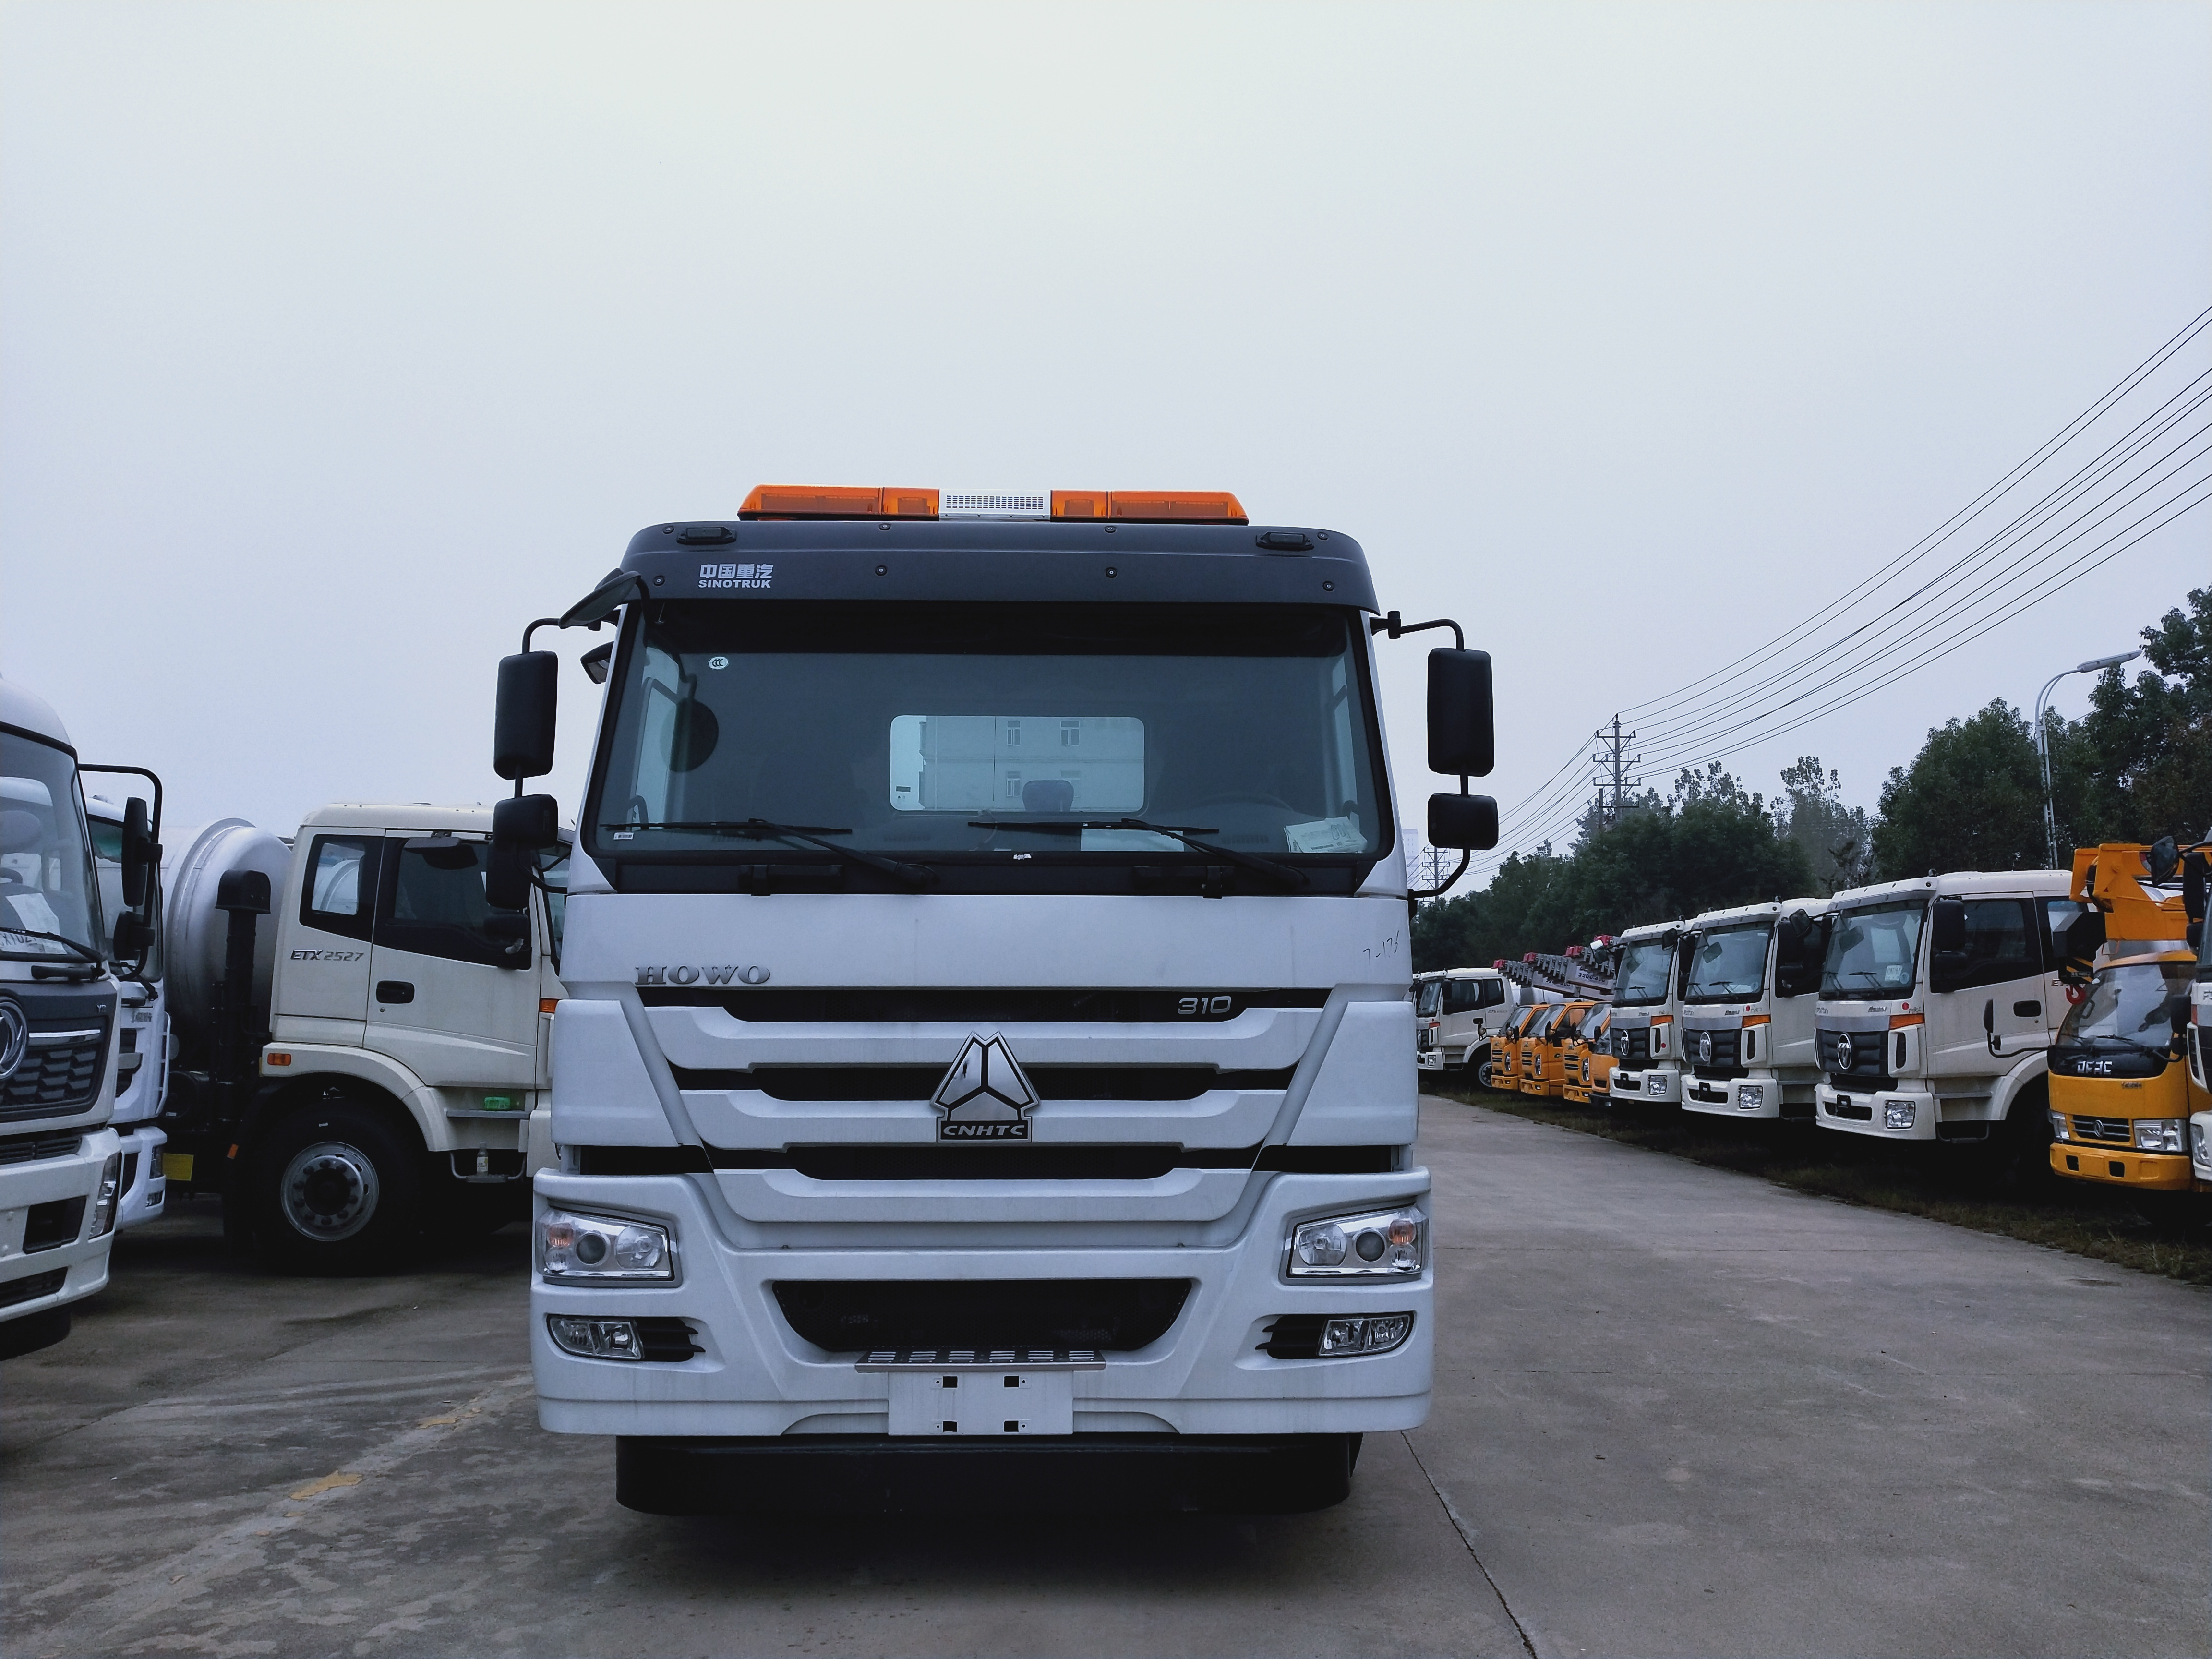 重汽豪沃重型道路救援车拖大挂车实际操作视频视频